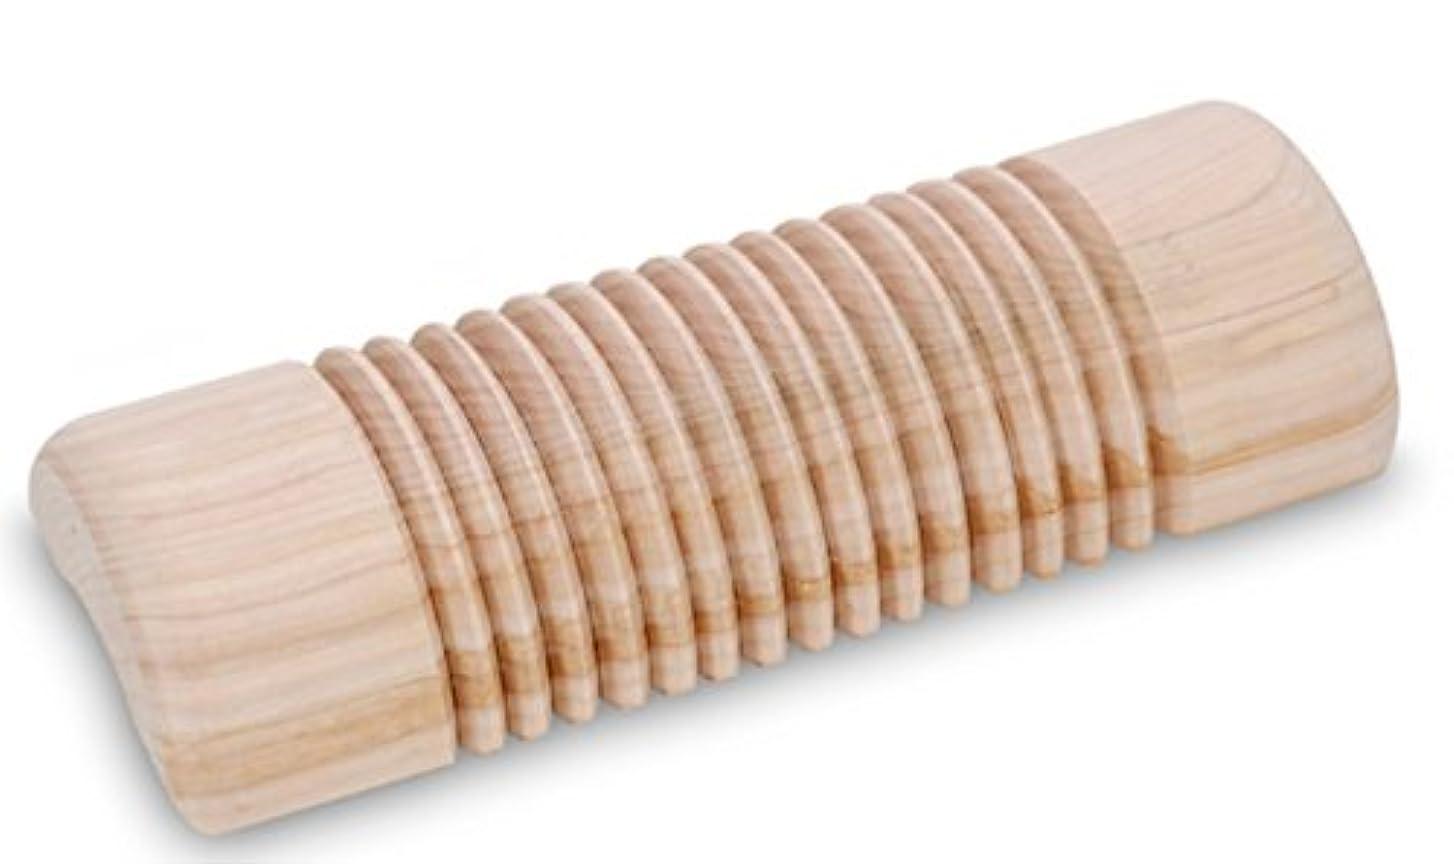 生物学致命的なマキシム[エコ森ライフ] Eco Forest Life エコ檜フィトンチッド 頚椎枕 ストレス緩和 首 腰 足首運動 海外直送品 ( cypress trees phytoncide cervical wooden pillow...